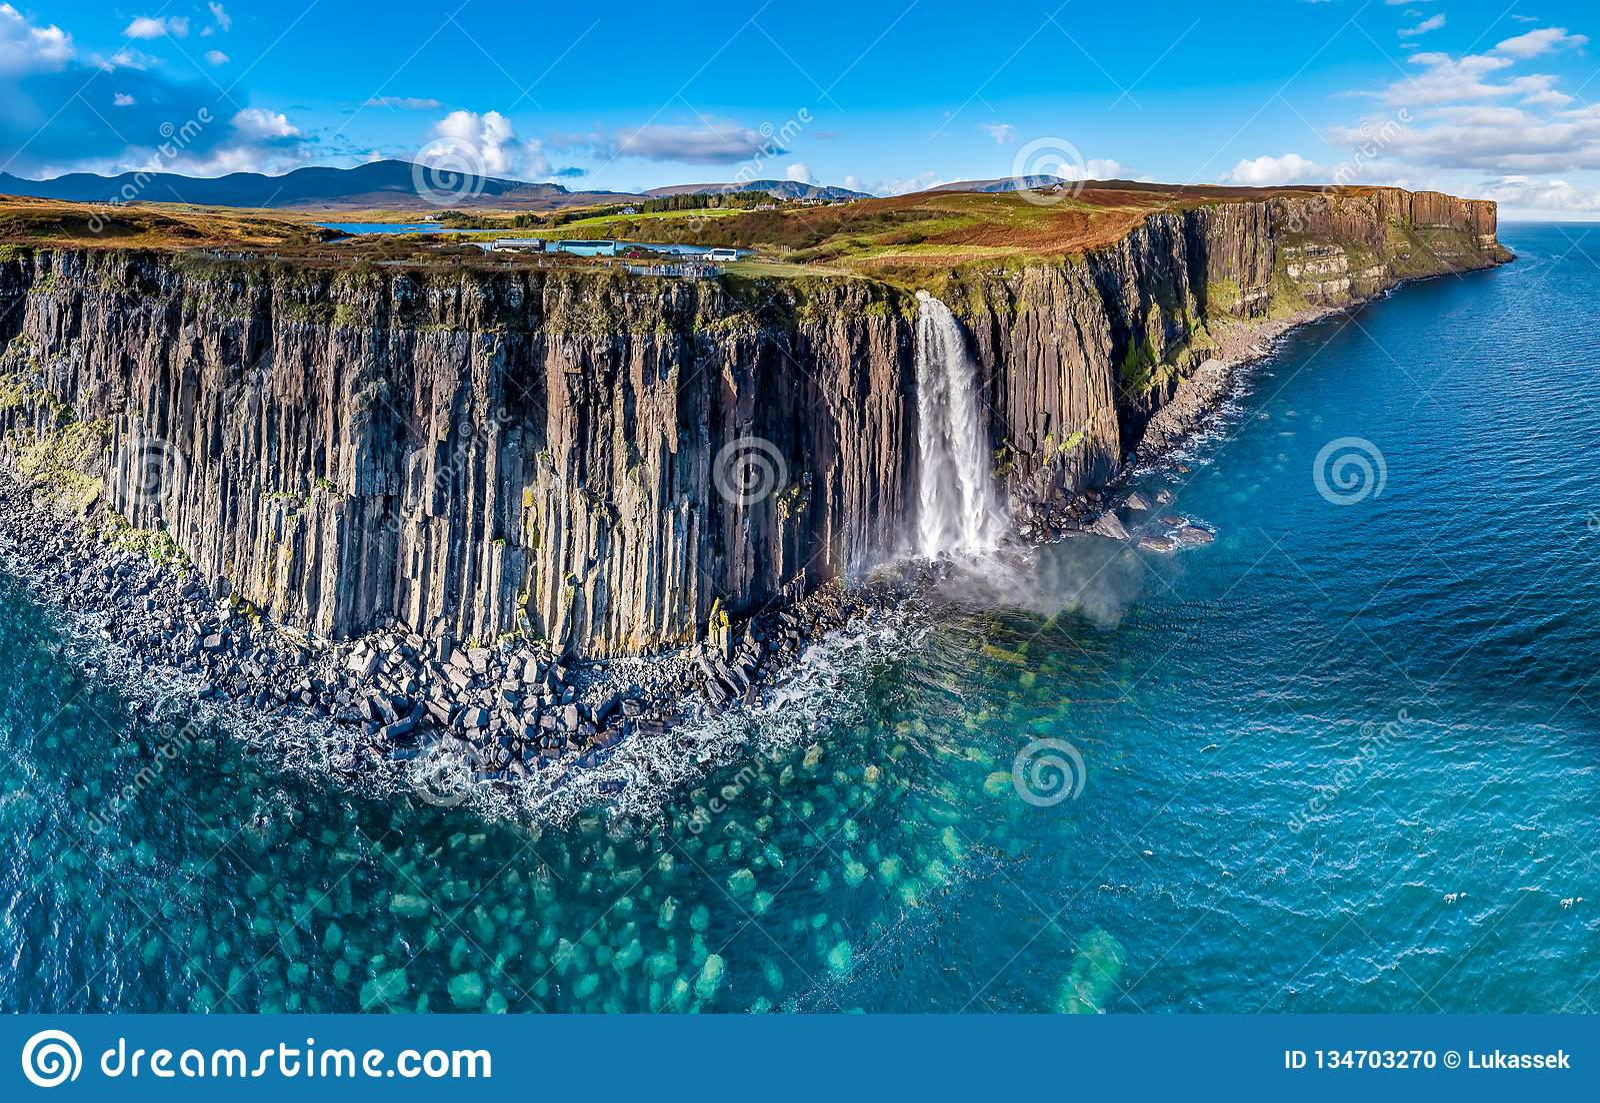 Vista aerea della linea costiera drammatica alle scogliere da Staffin con la cascata famosa della roccia del kilt - isola di Skye